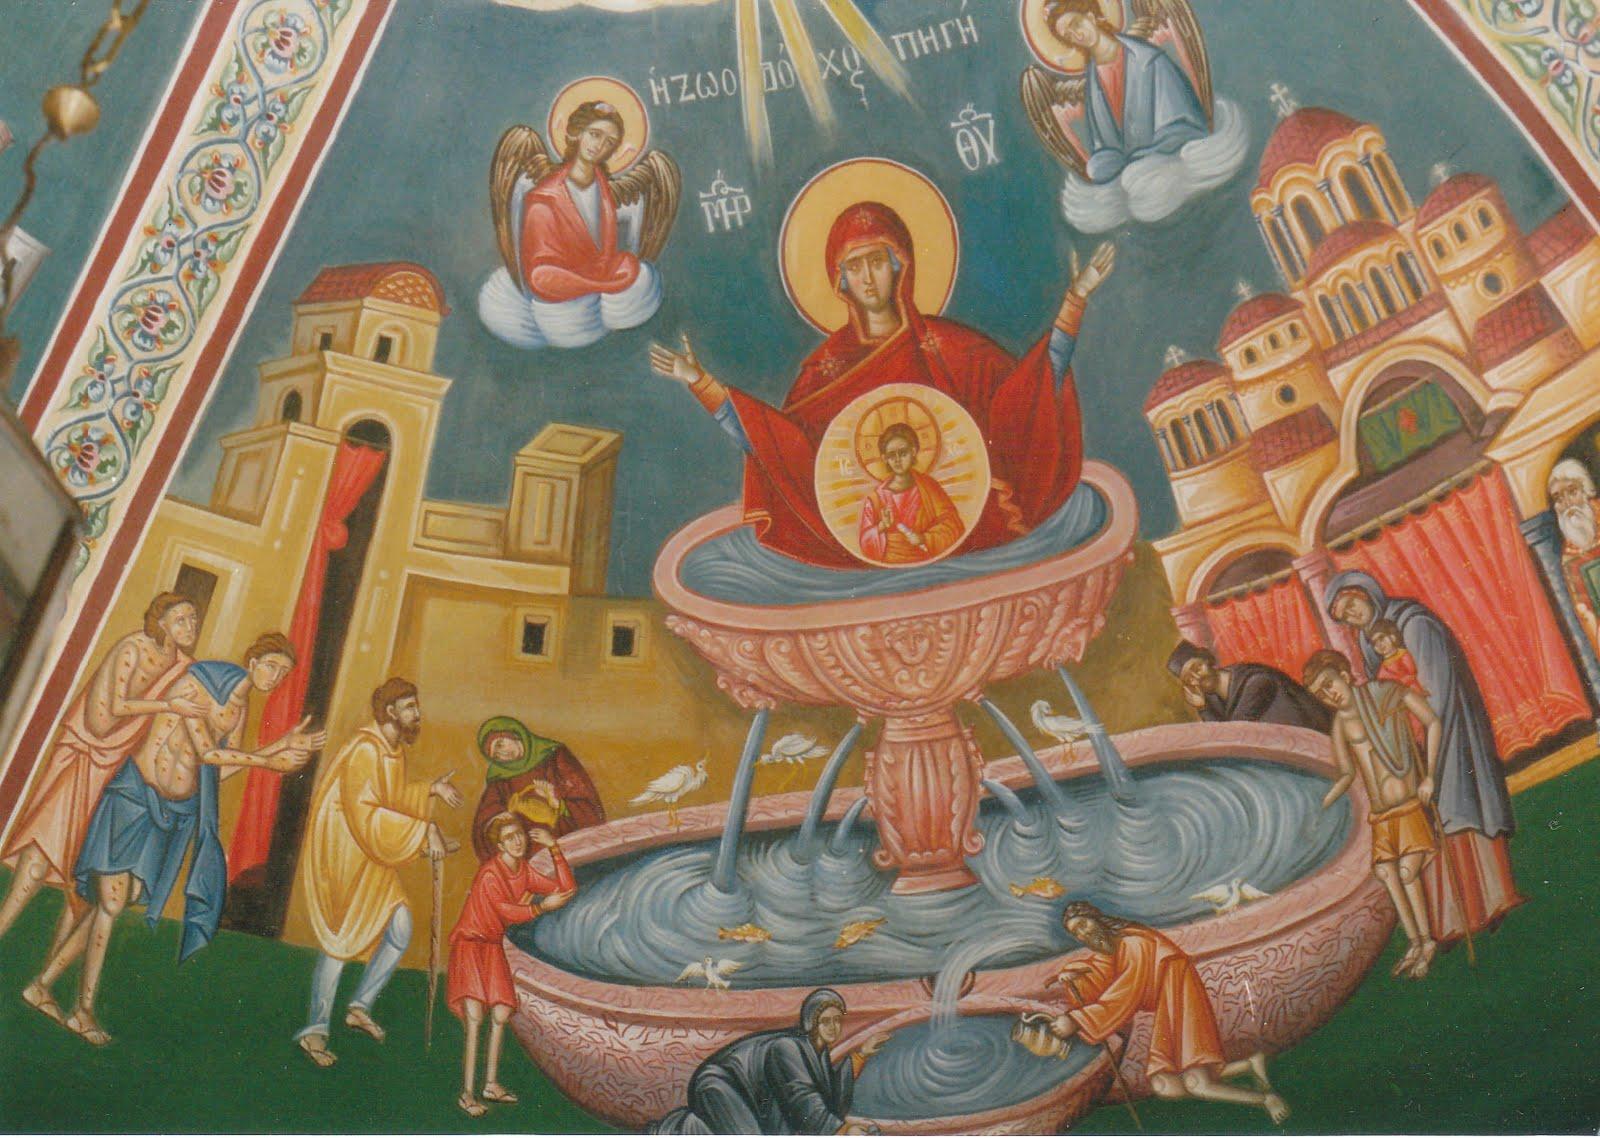 MAICA DOMNULUI &#8211; IZVORUL TĂMĂDUIRII SUFLETELOR ÎNTRISTATE, OMUL CARE ÎNȚELEGE CEL MAI BINE SUFERINȚA INIMILOR SFÂȘIATE. Cuvânt al Părintelui Ciprian Negreanu: <i>&#8220;În durerile noastre, în despărțirile noastre, în așteptările noastre neîmplinite, în dorurile noastre, să chemăm pe Maica lui Dumnezeu&#8221;</i> (AUDIO, TEXT)